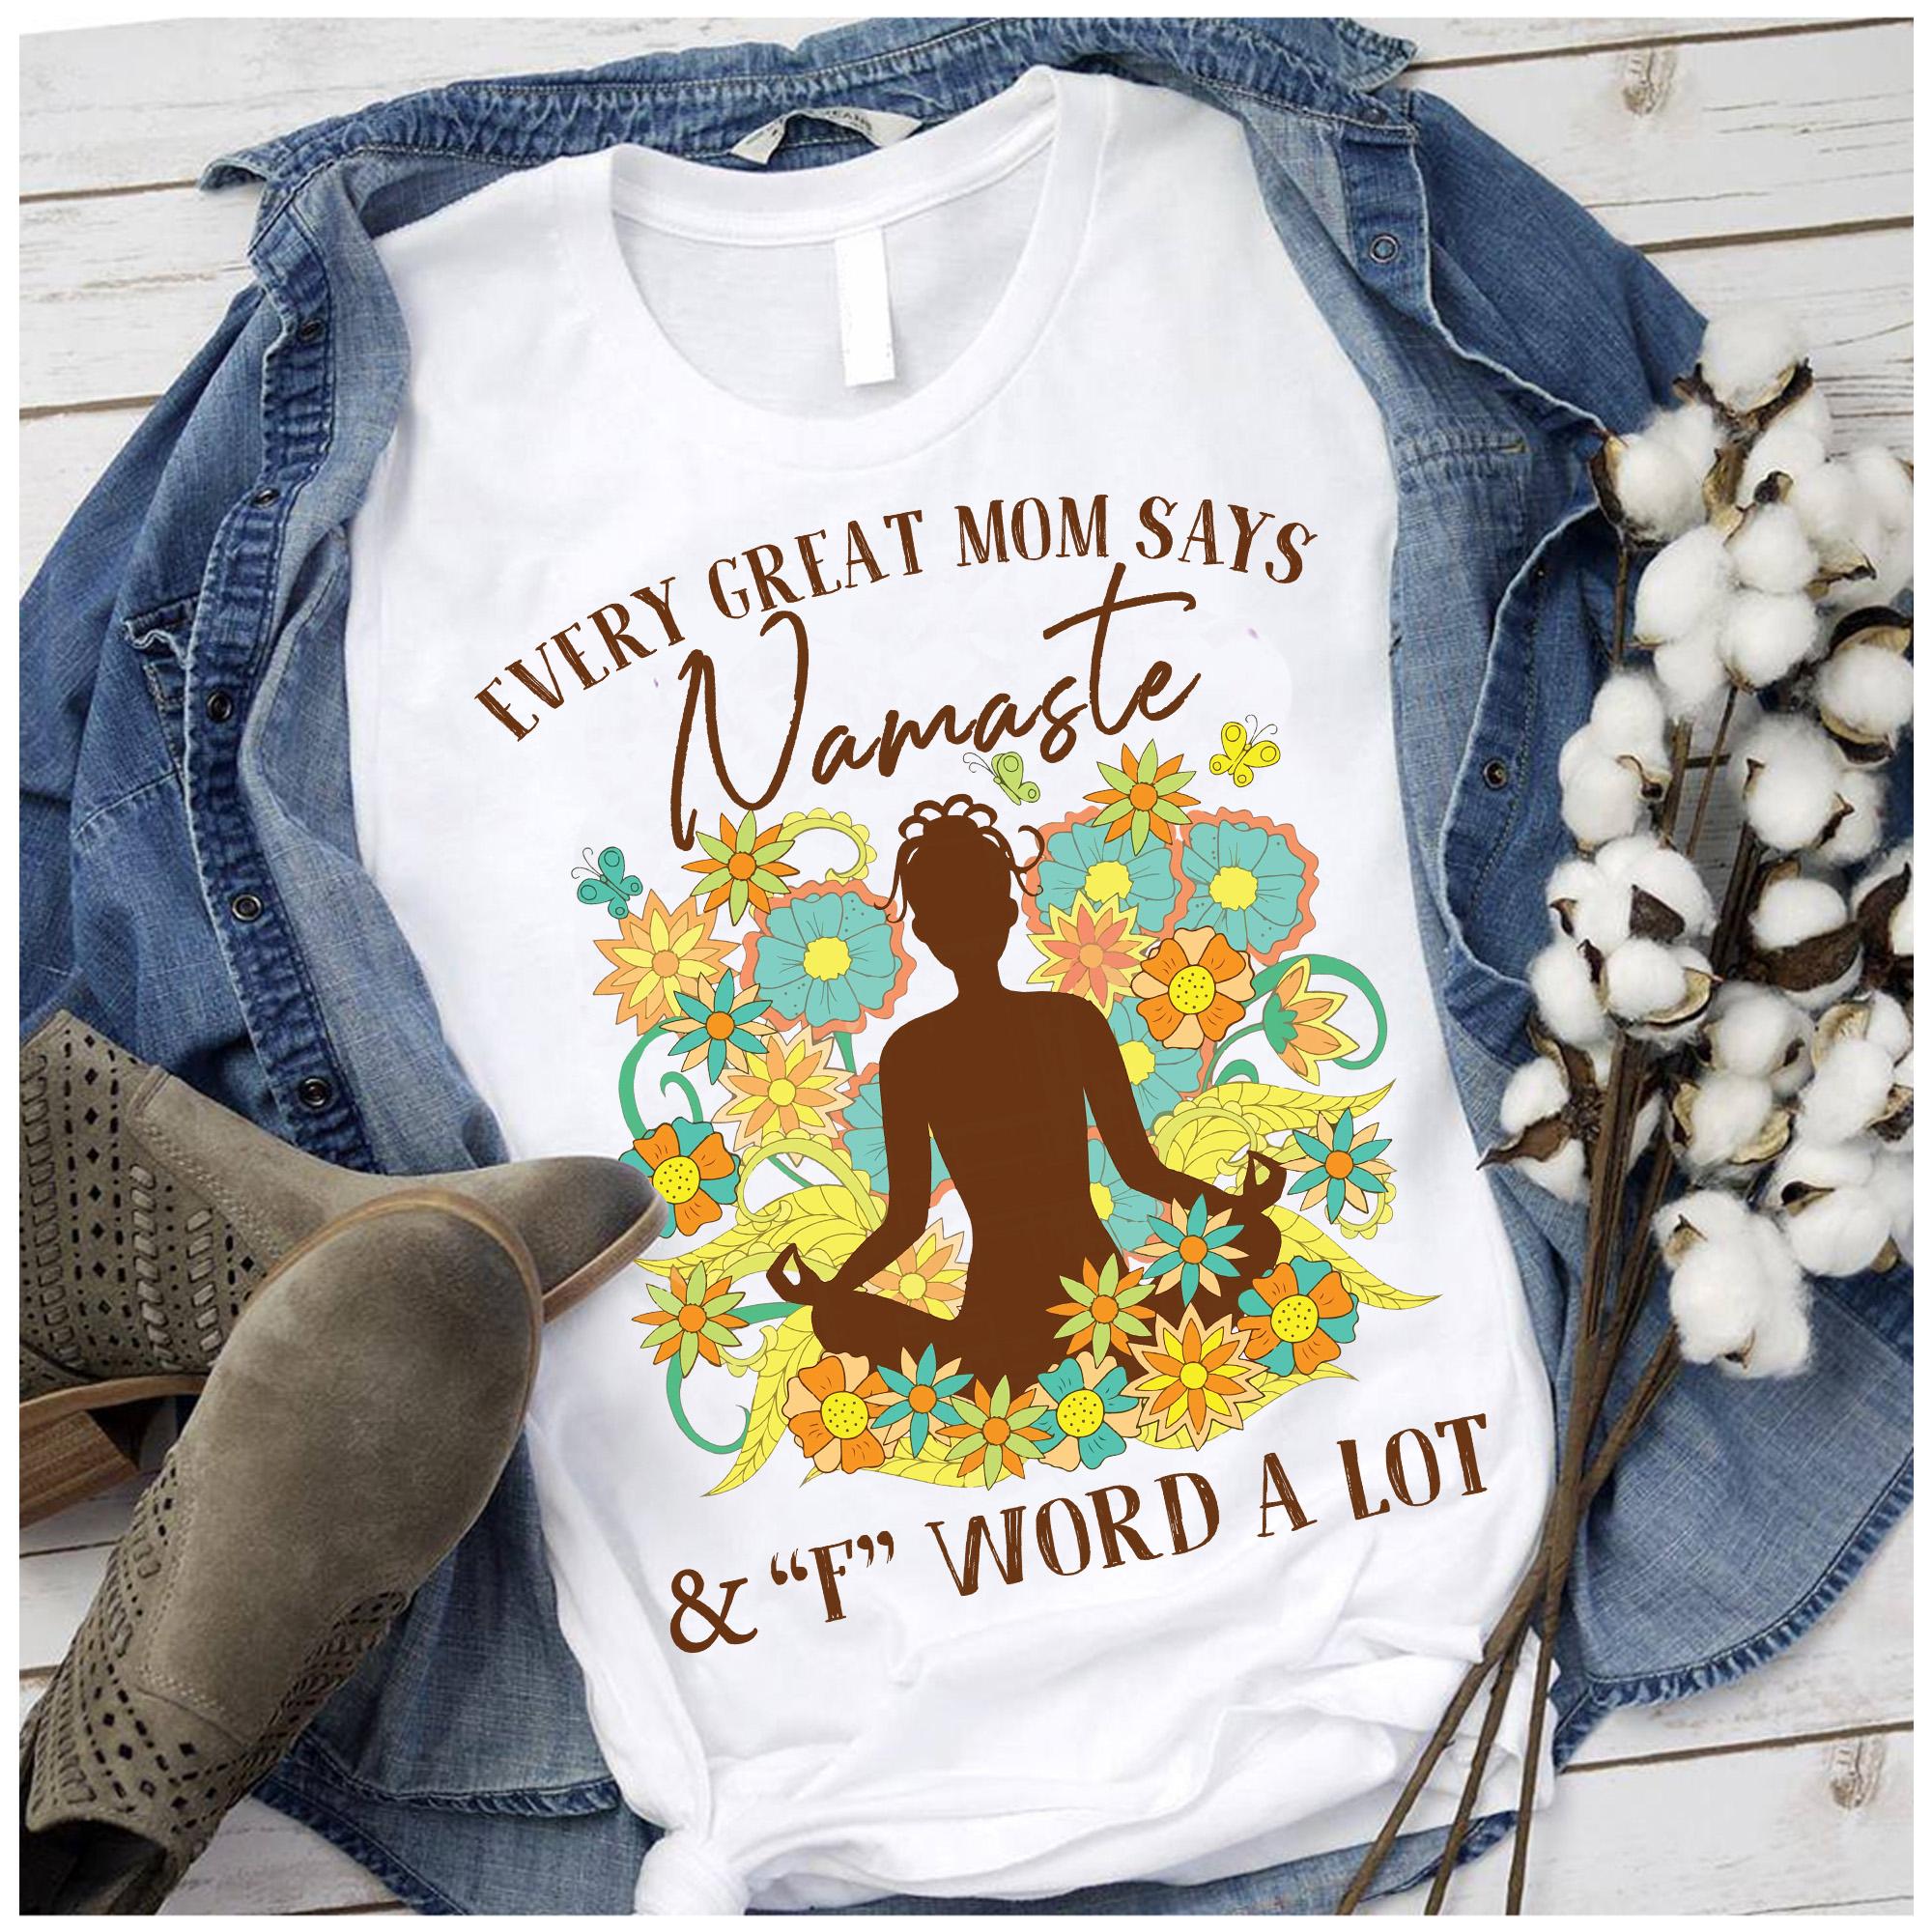 Namaste Shirt Every Great Mom Says Namaste & F Word